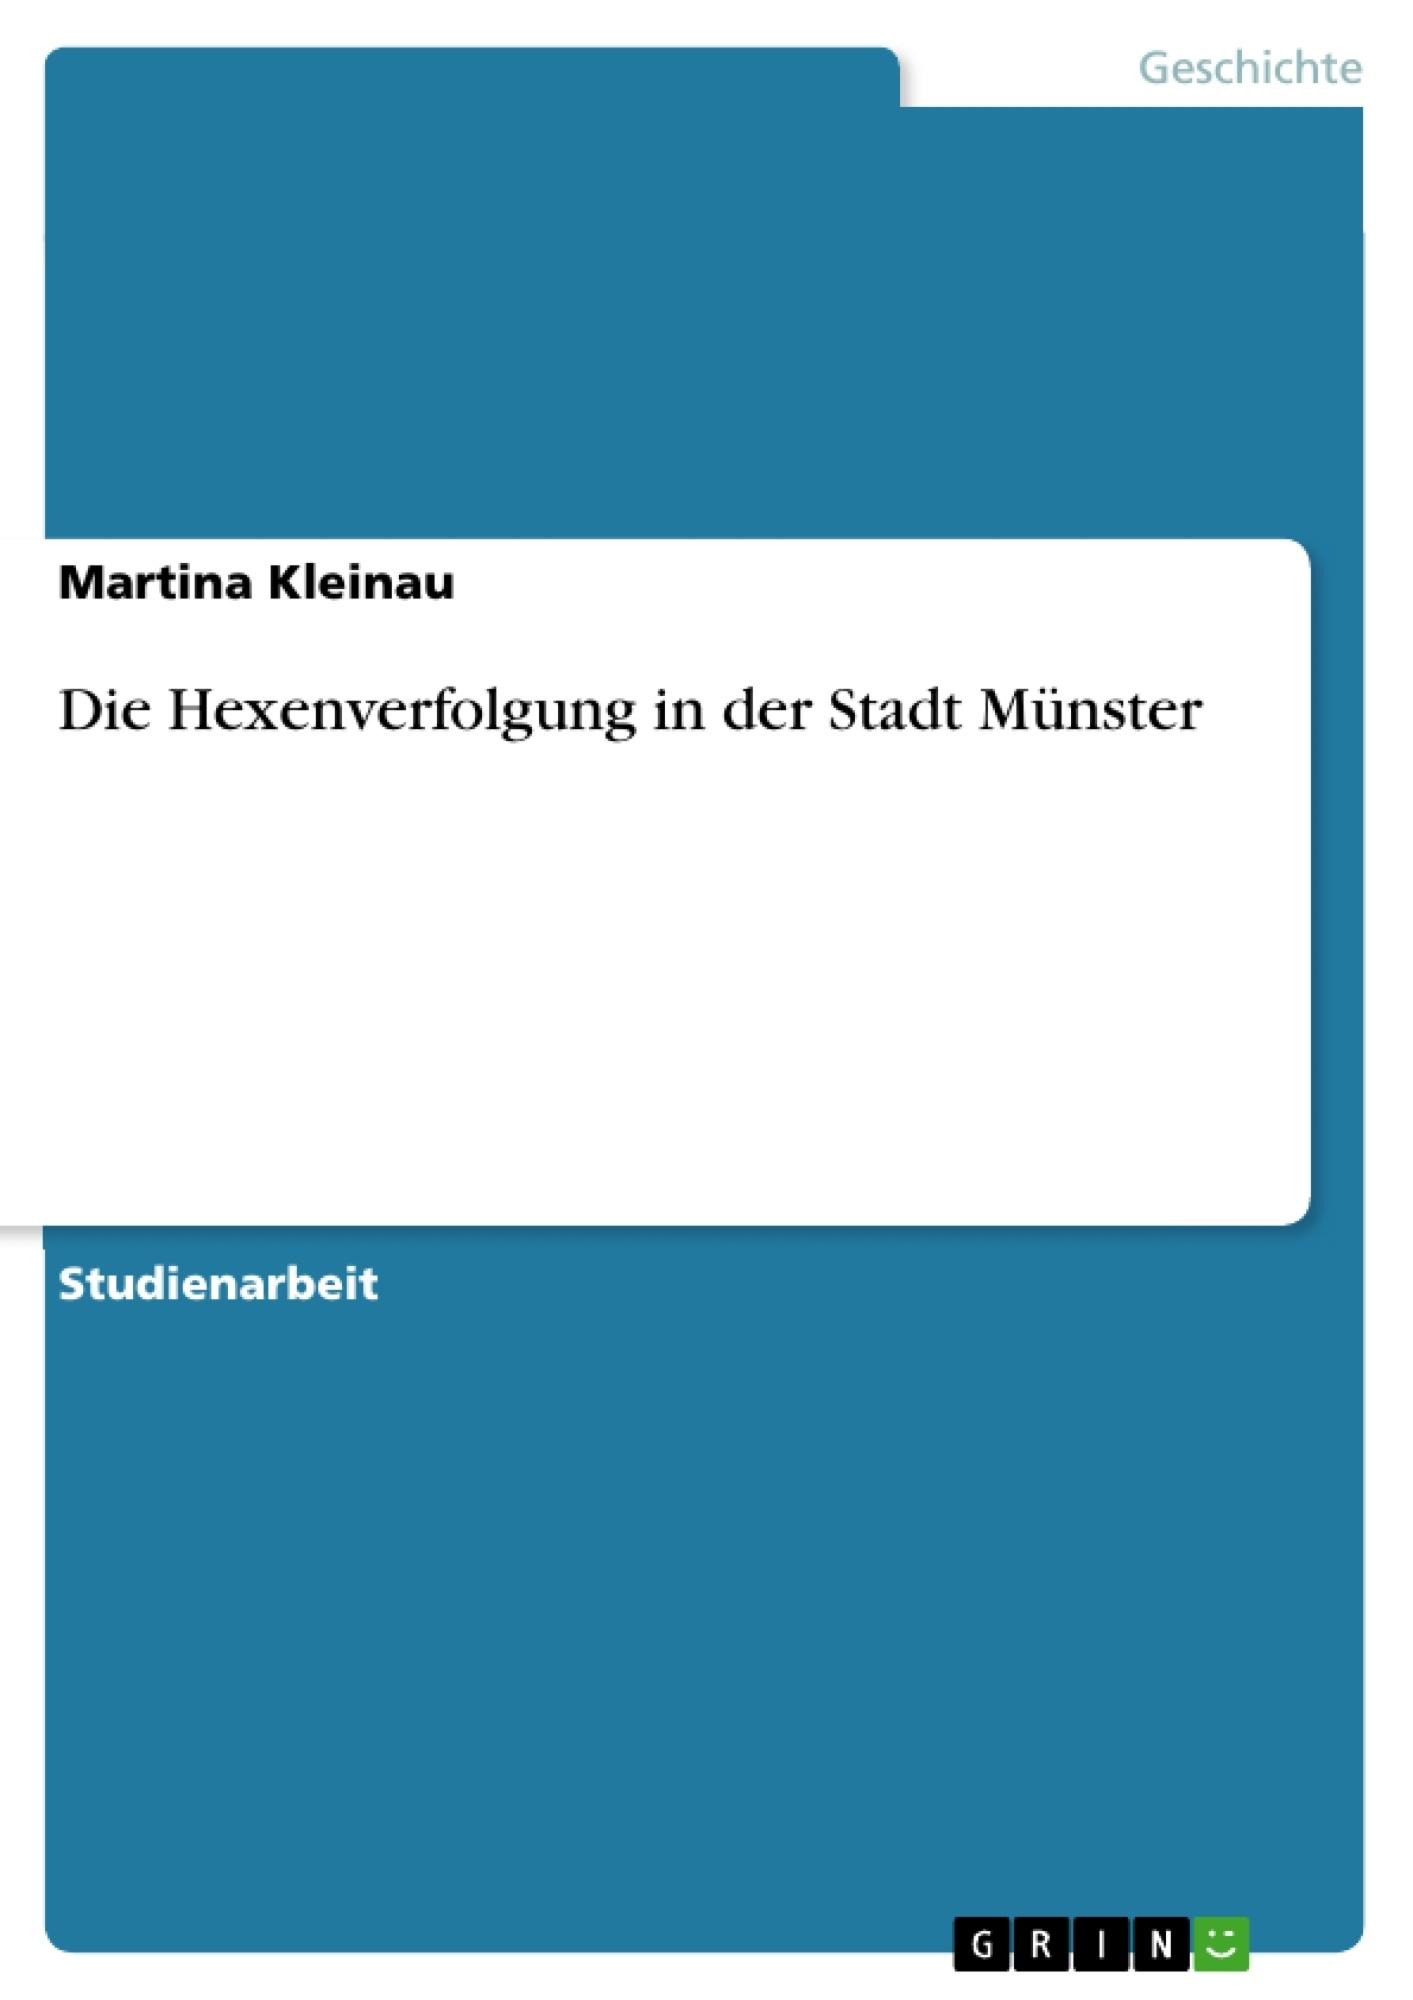 Titel: Die Hexenverfolgung in der Stadt Münster